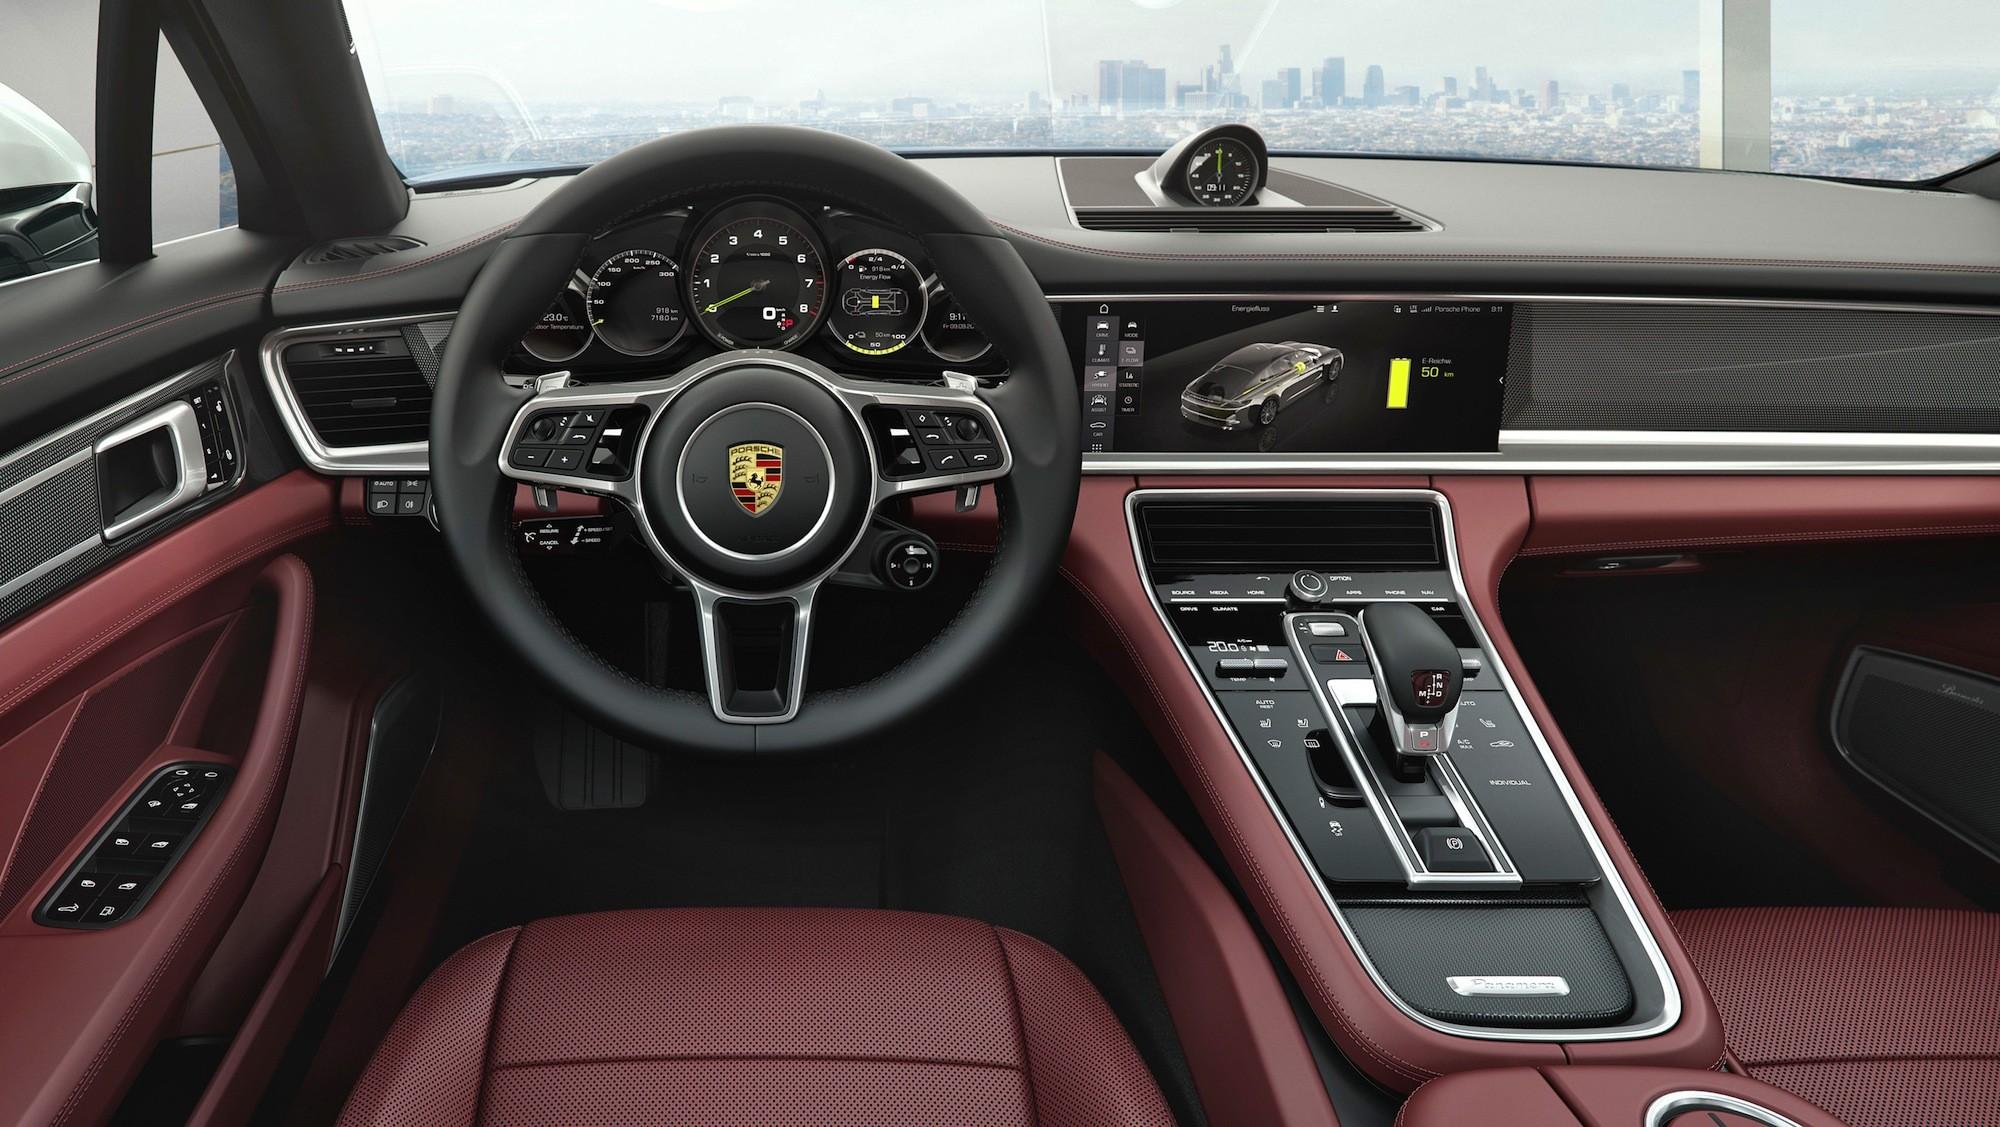 2017 Porsche Panamera 4 E Hybrid Executive Interior Dashboard